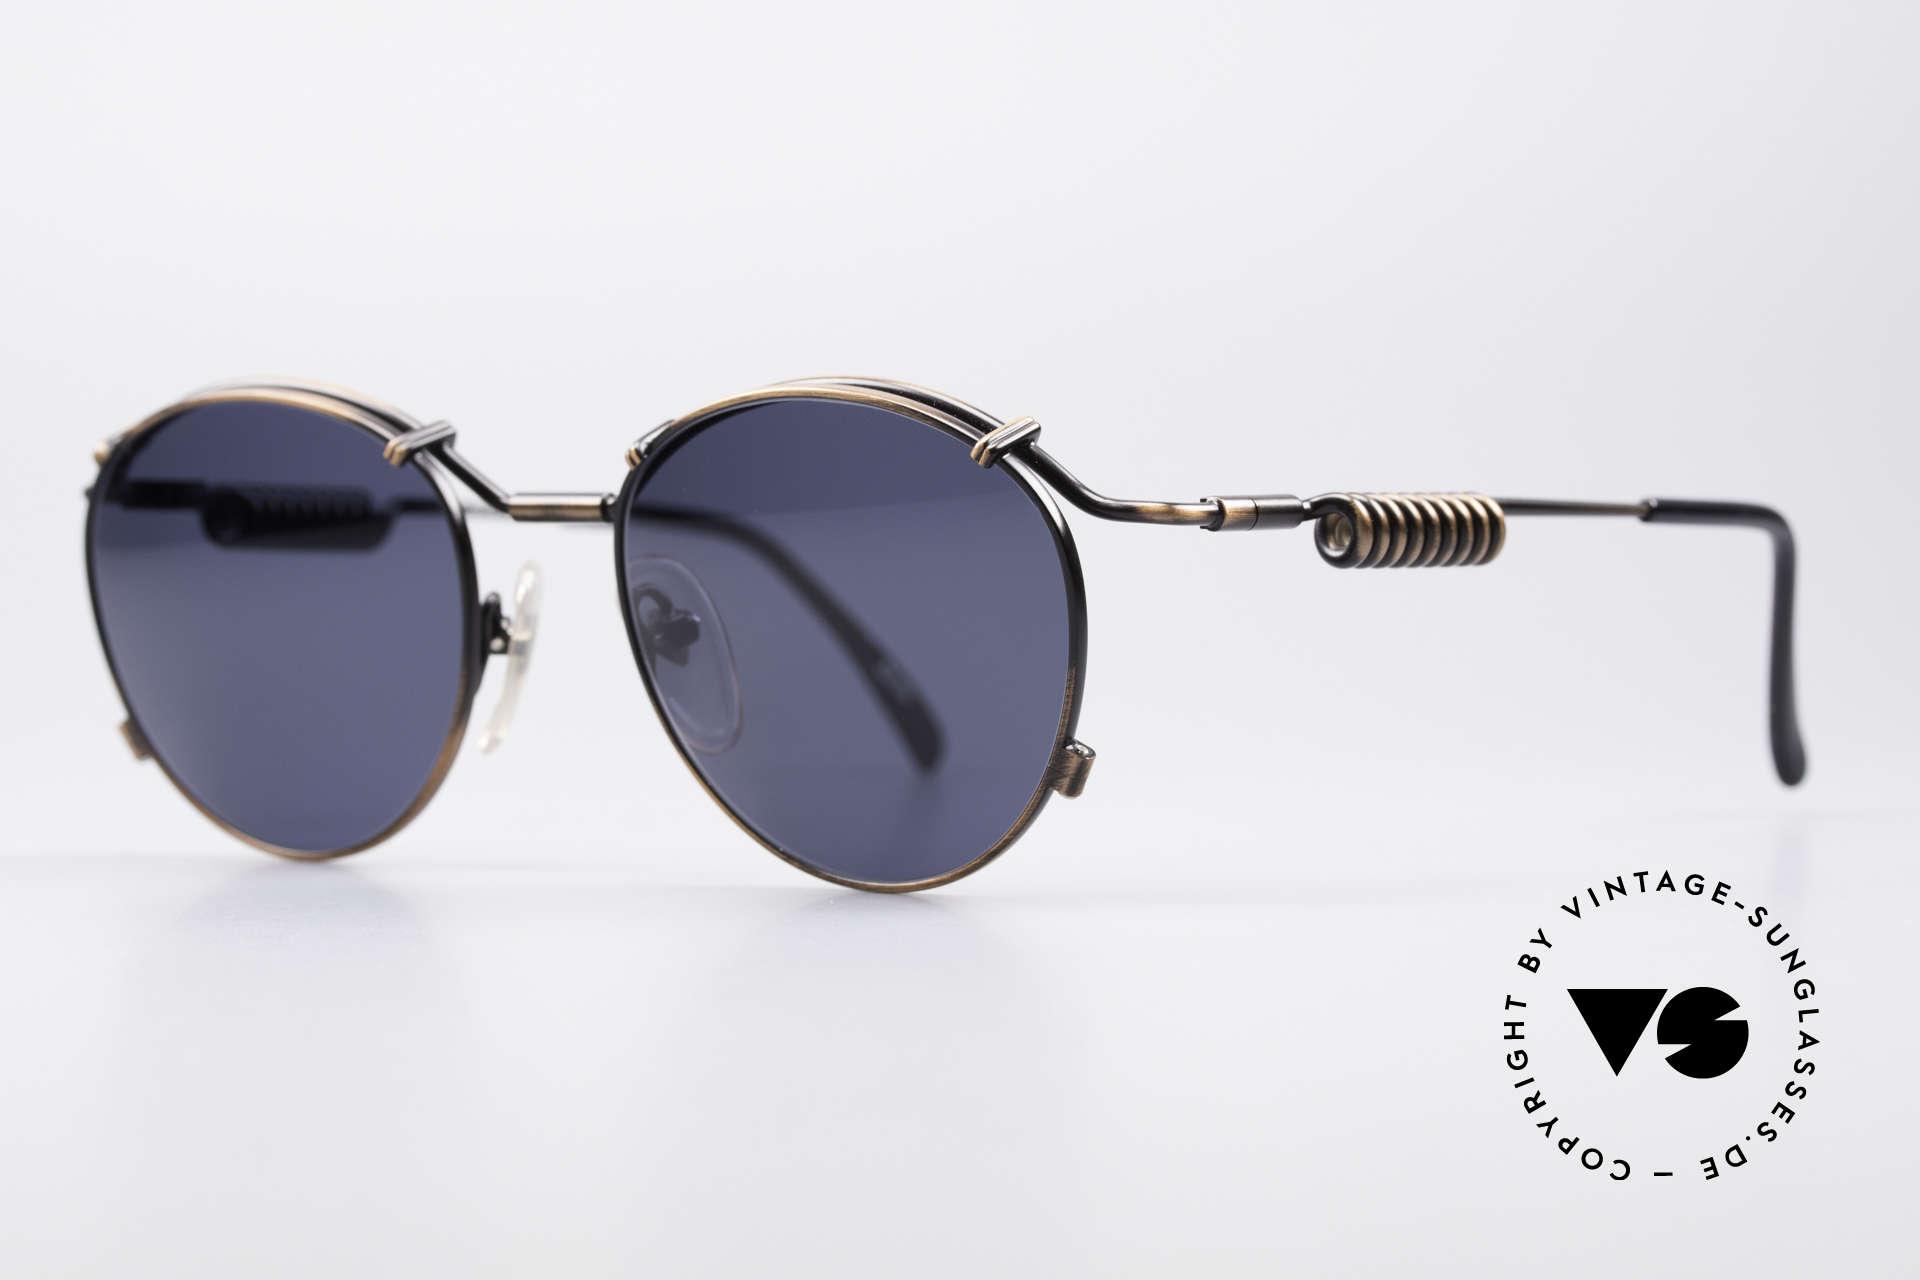 Jean Paul Gaultier 56-9174 90er Industrial Sonnenbrille, die Metallbügel sind geformt wie eine Stromspule, Passend für Herren und Damen